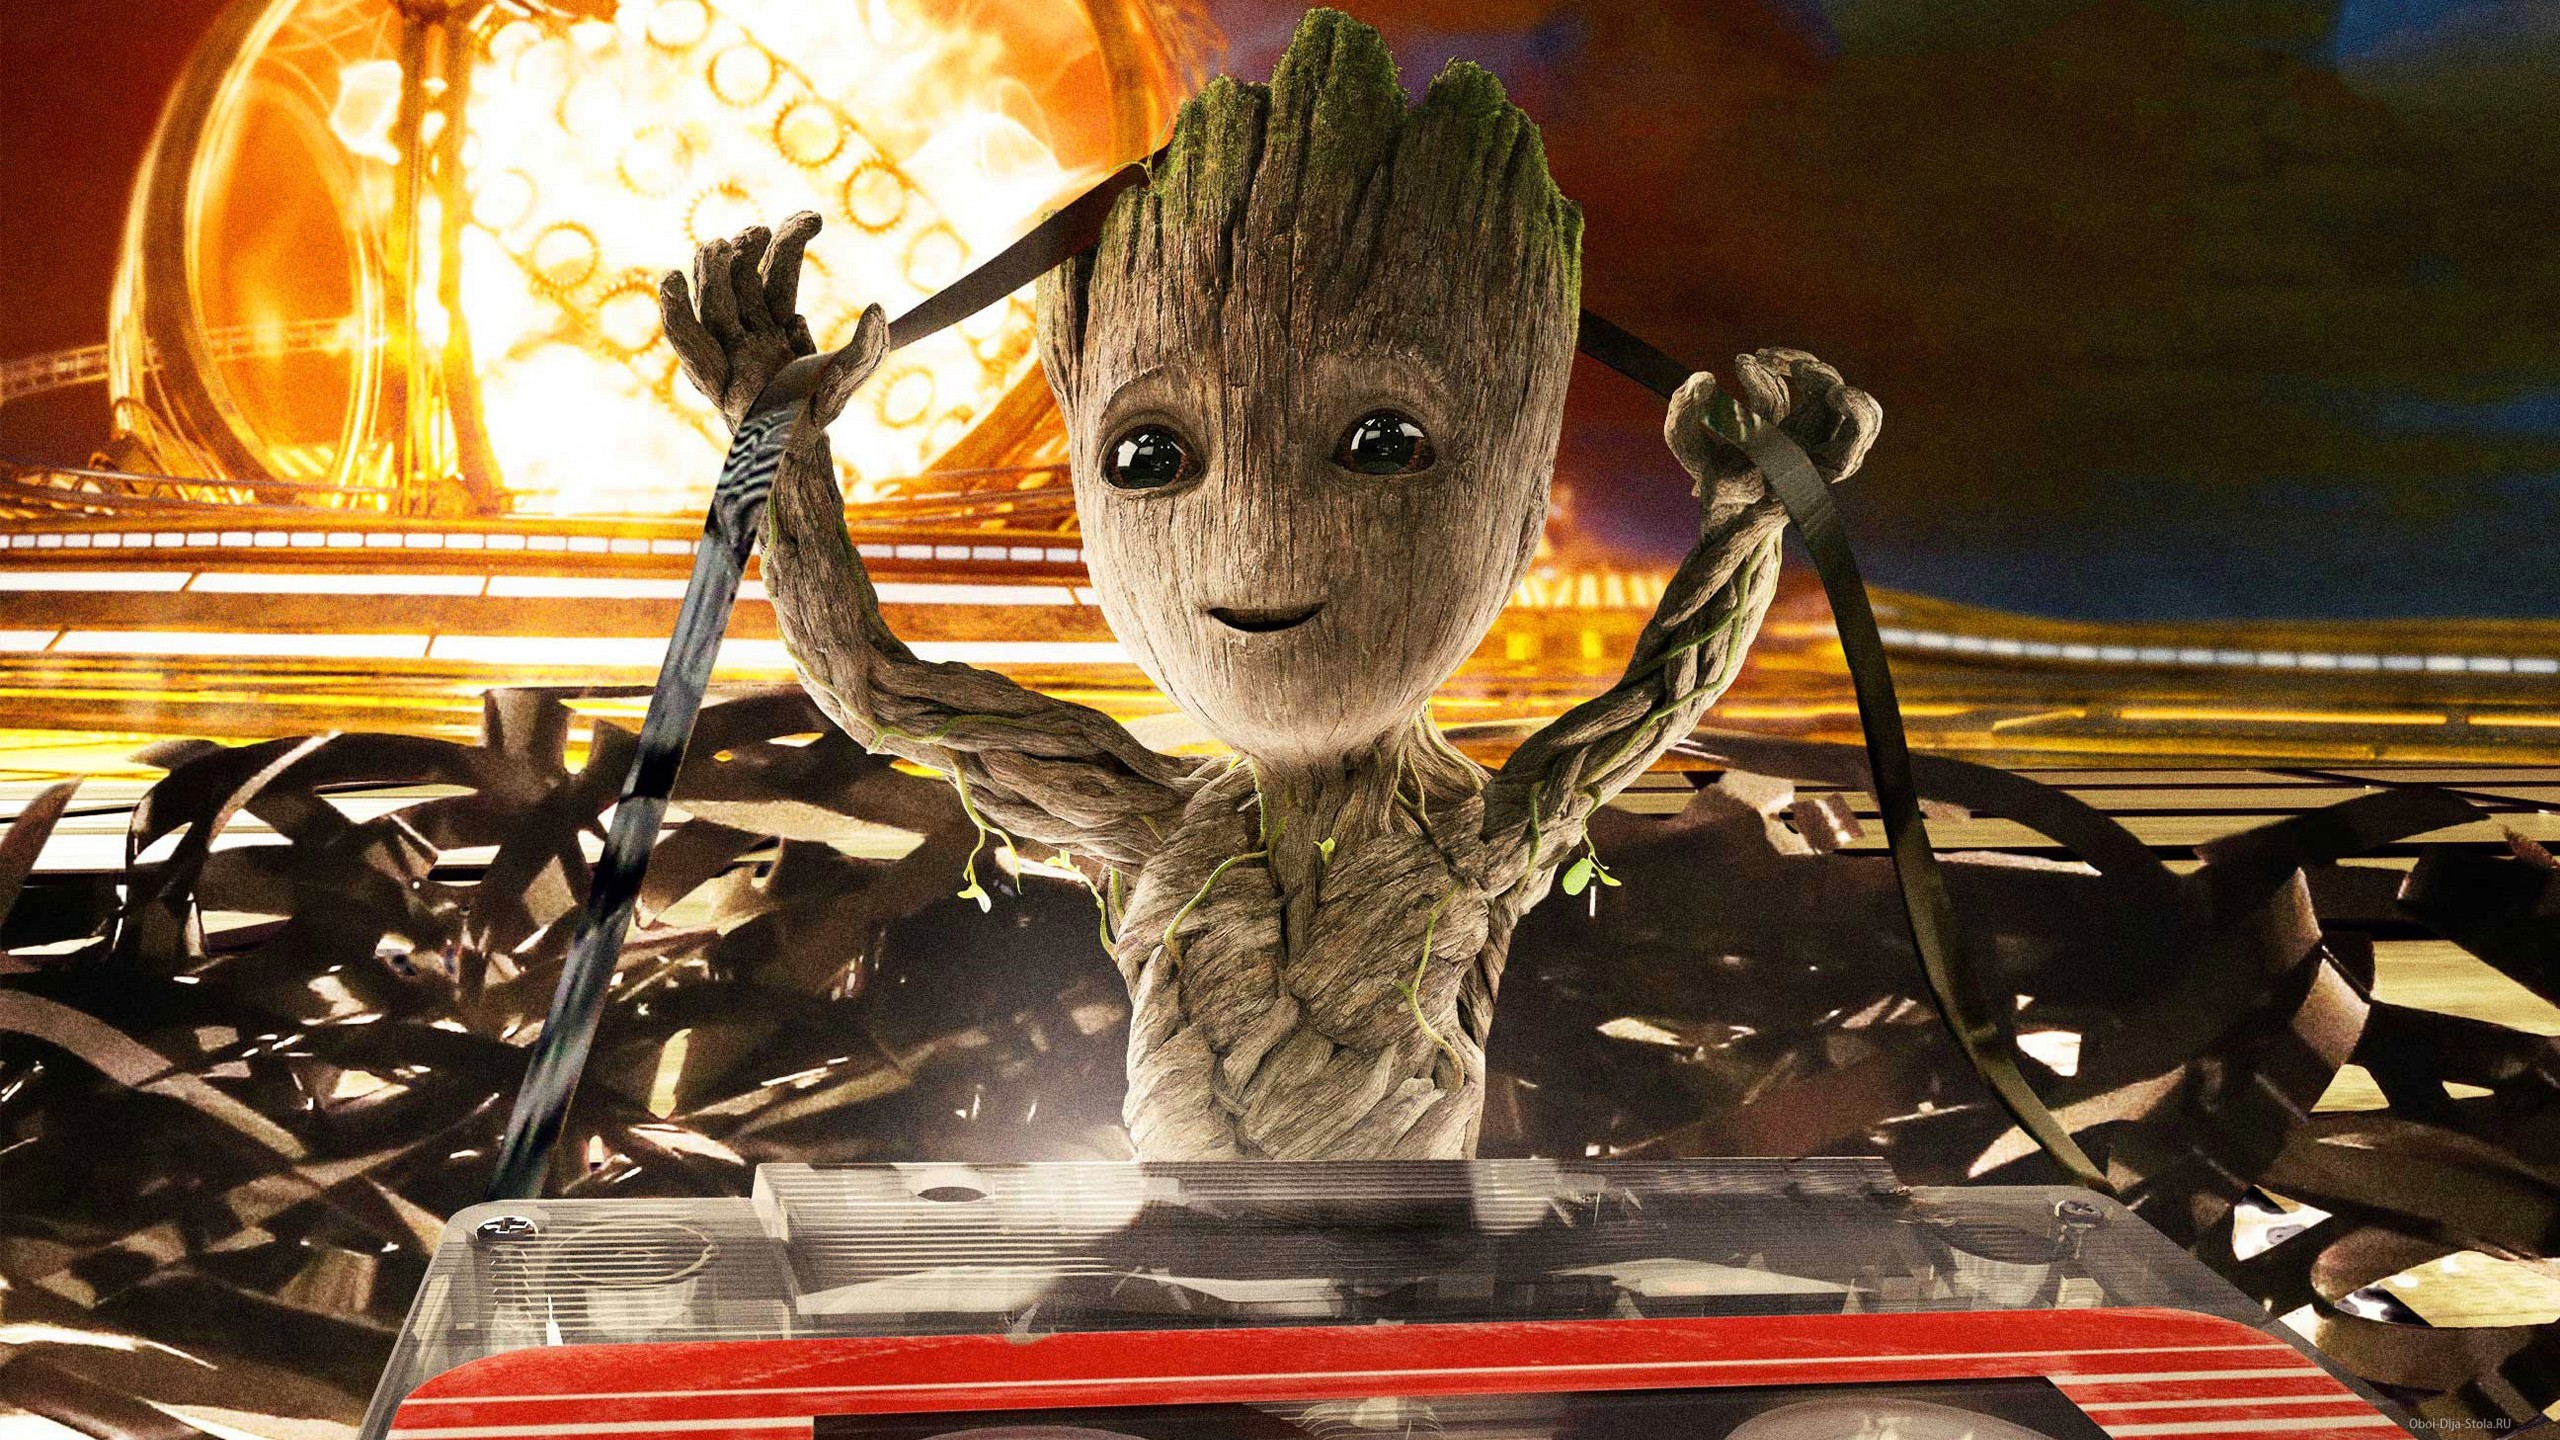 малыш Грут, Baby Groot, марвел, Стражи галактики, кассета, hd обои